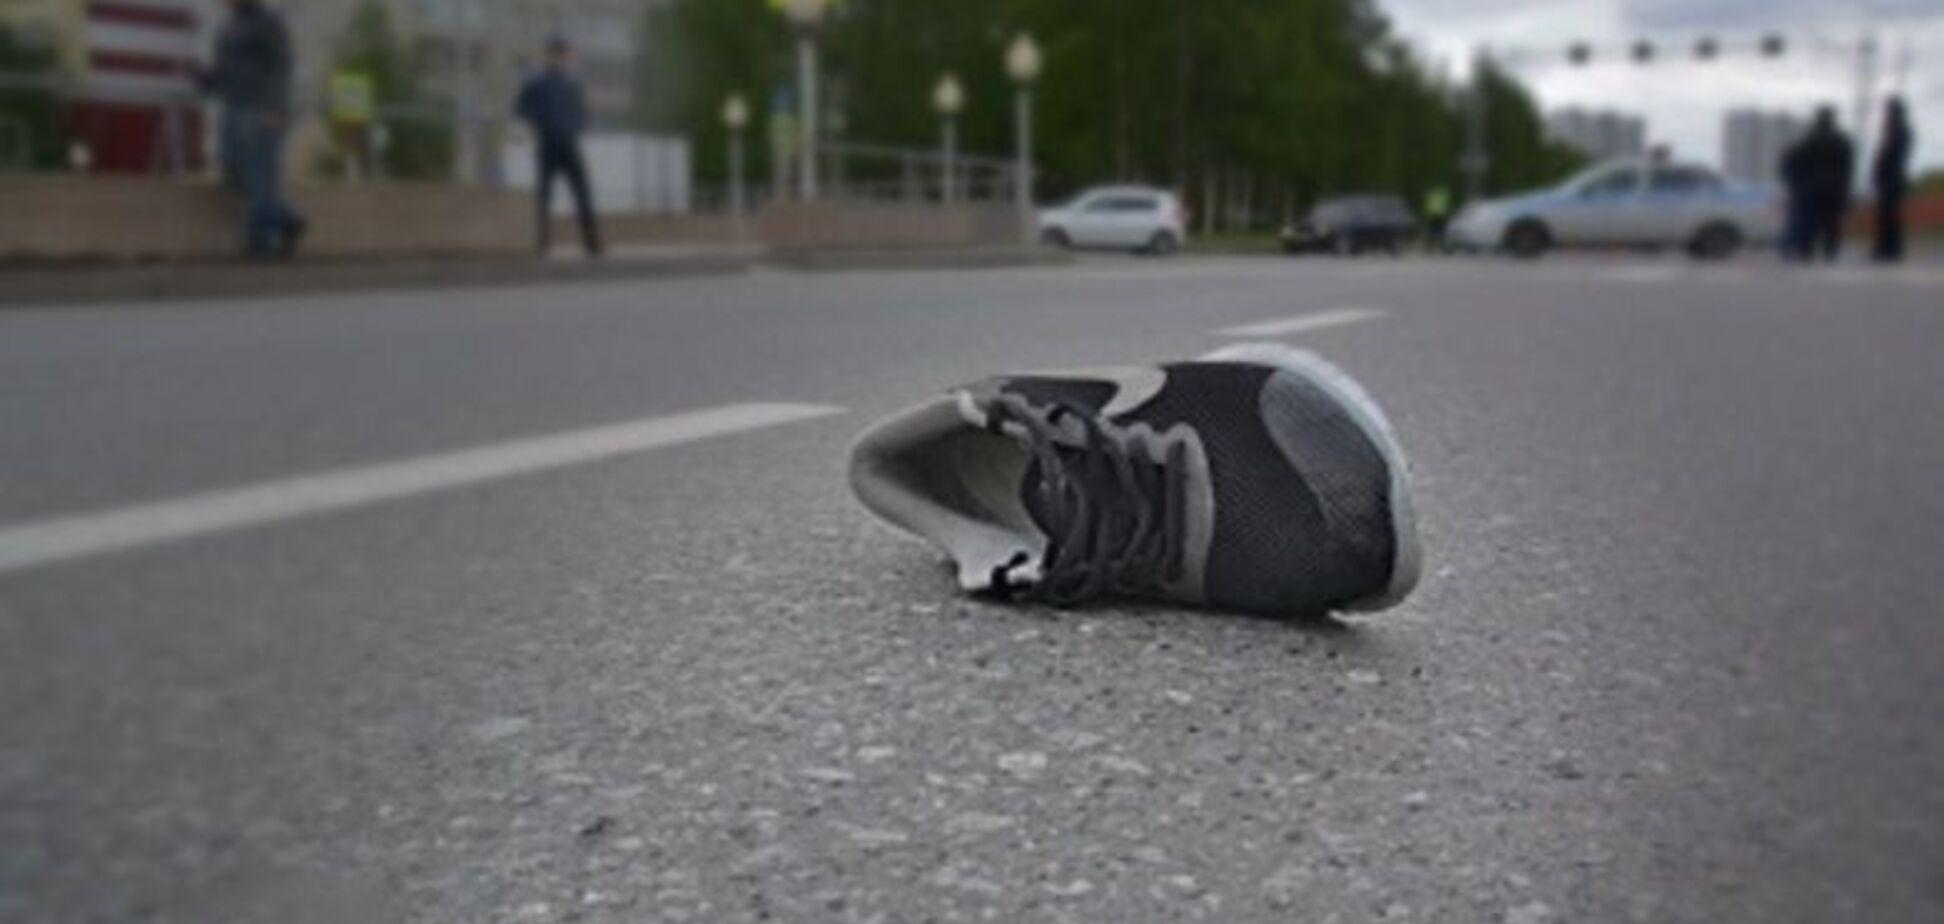 Втратив свідомість і не дихав: в Дніпрі сталася кривава ДТП. Фото